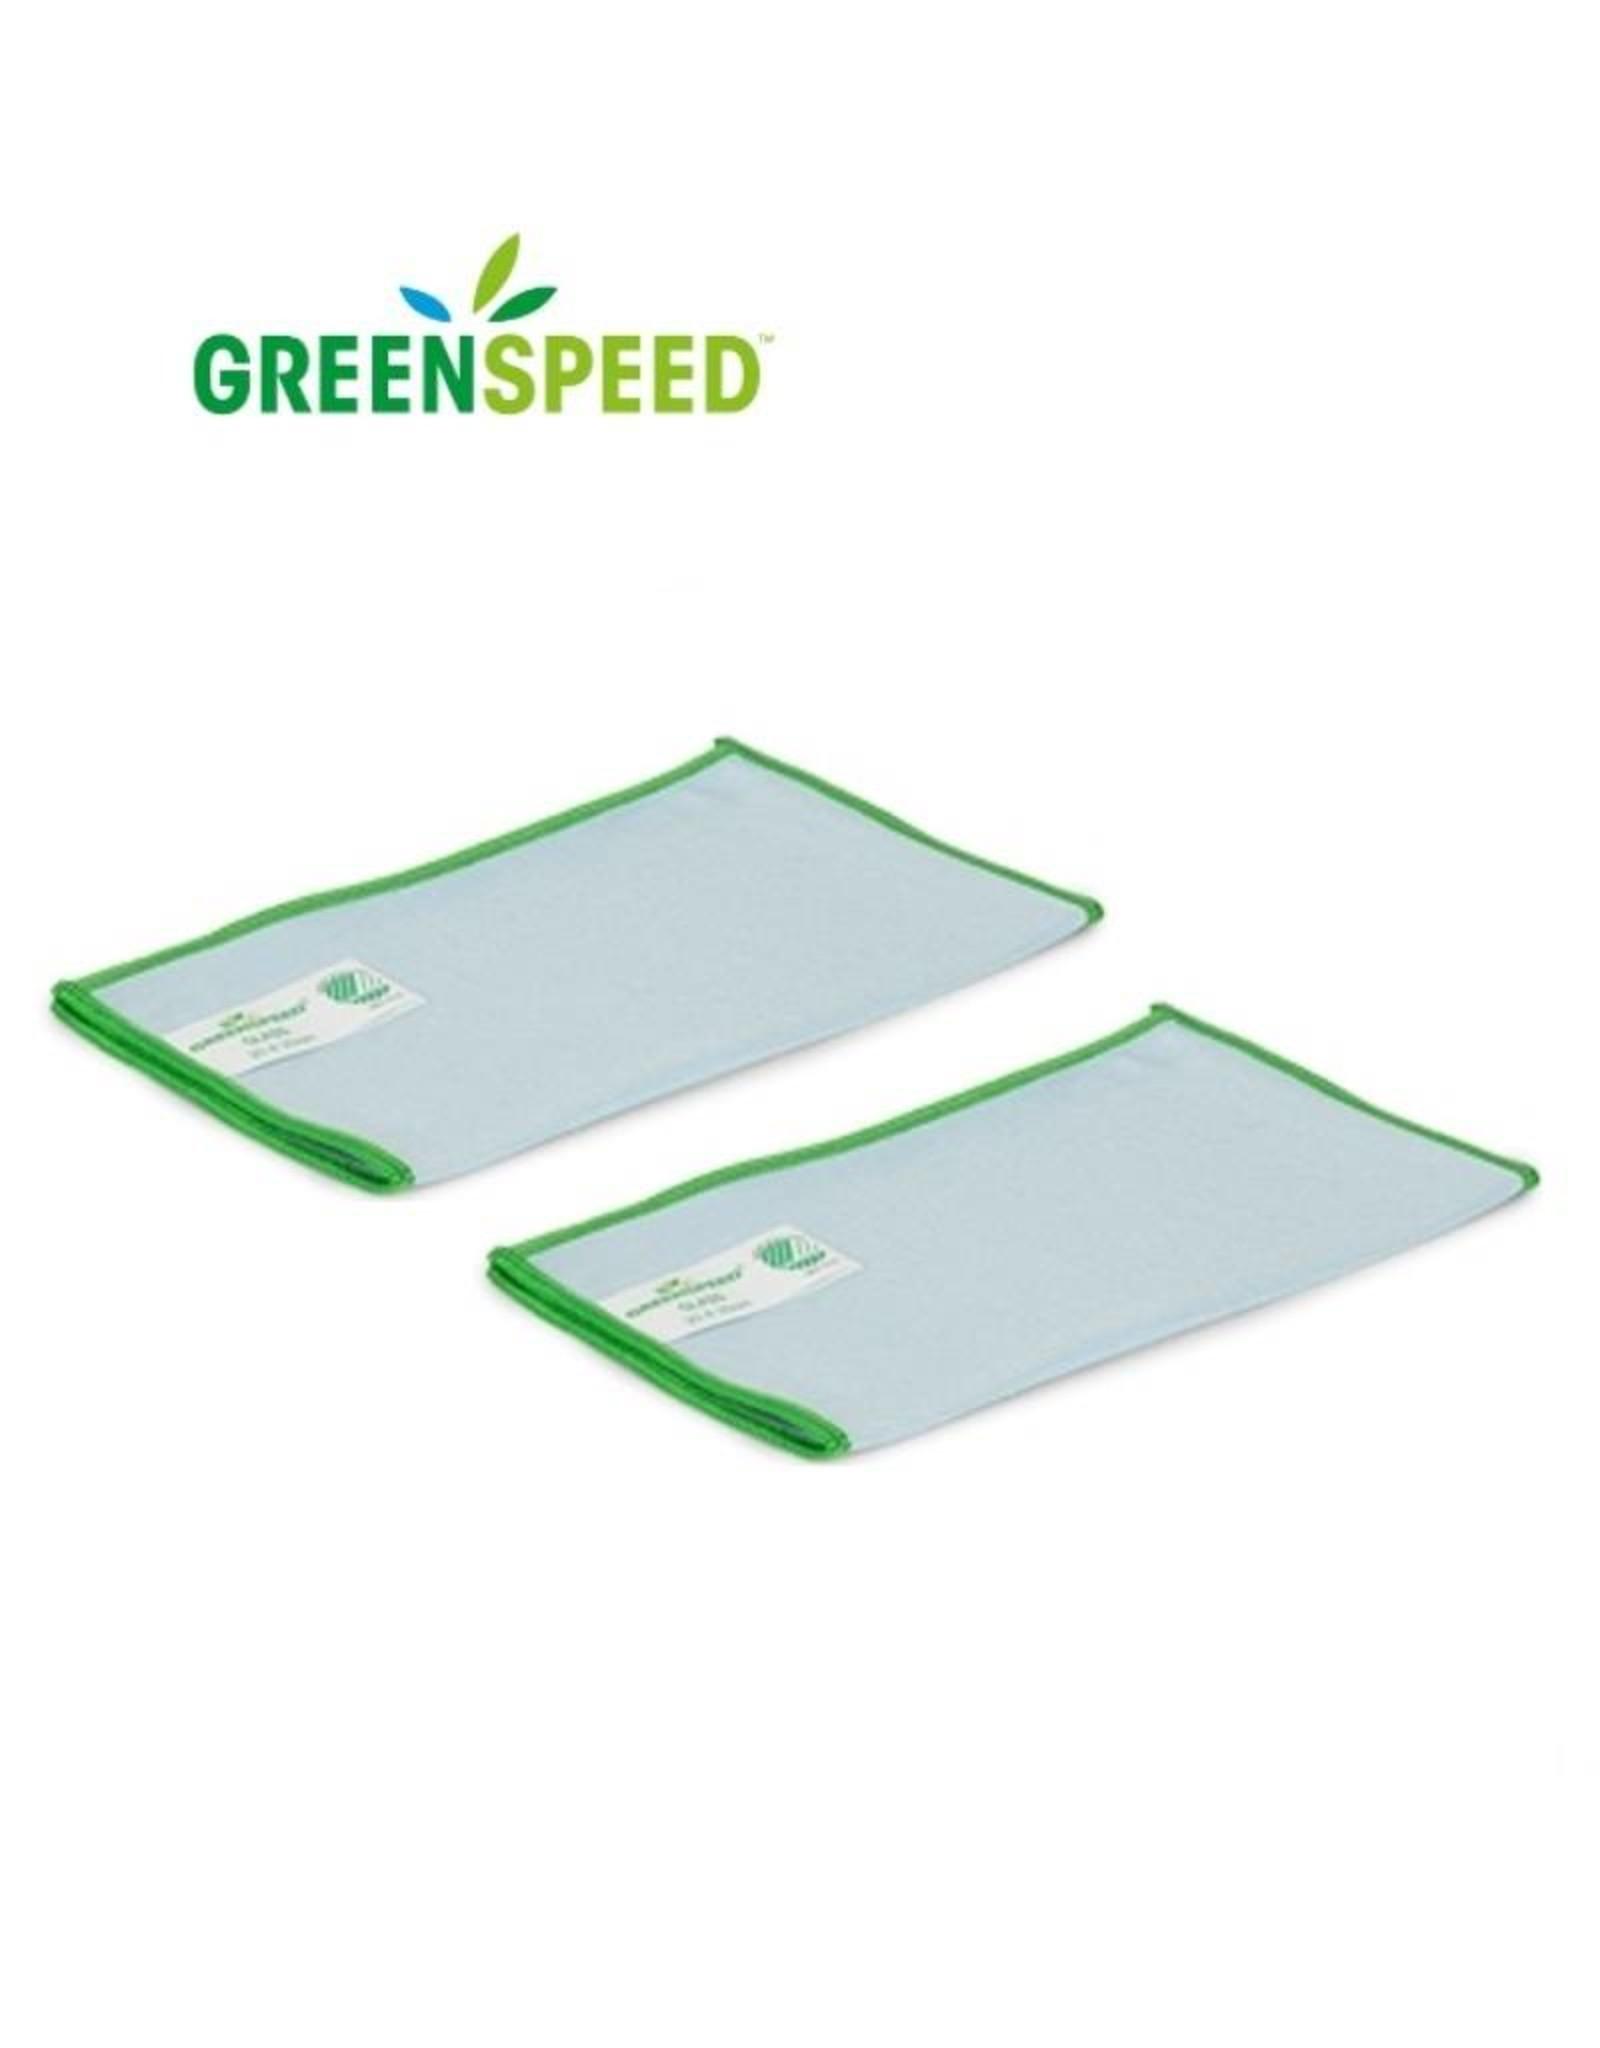 Greenspeed Greenspeed mini glasdoek (set van 2)